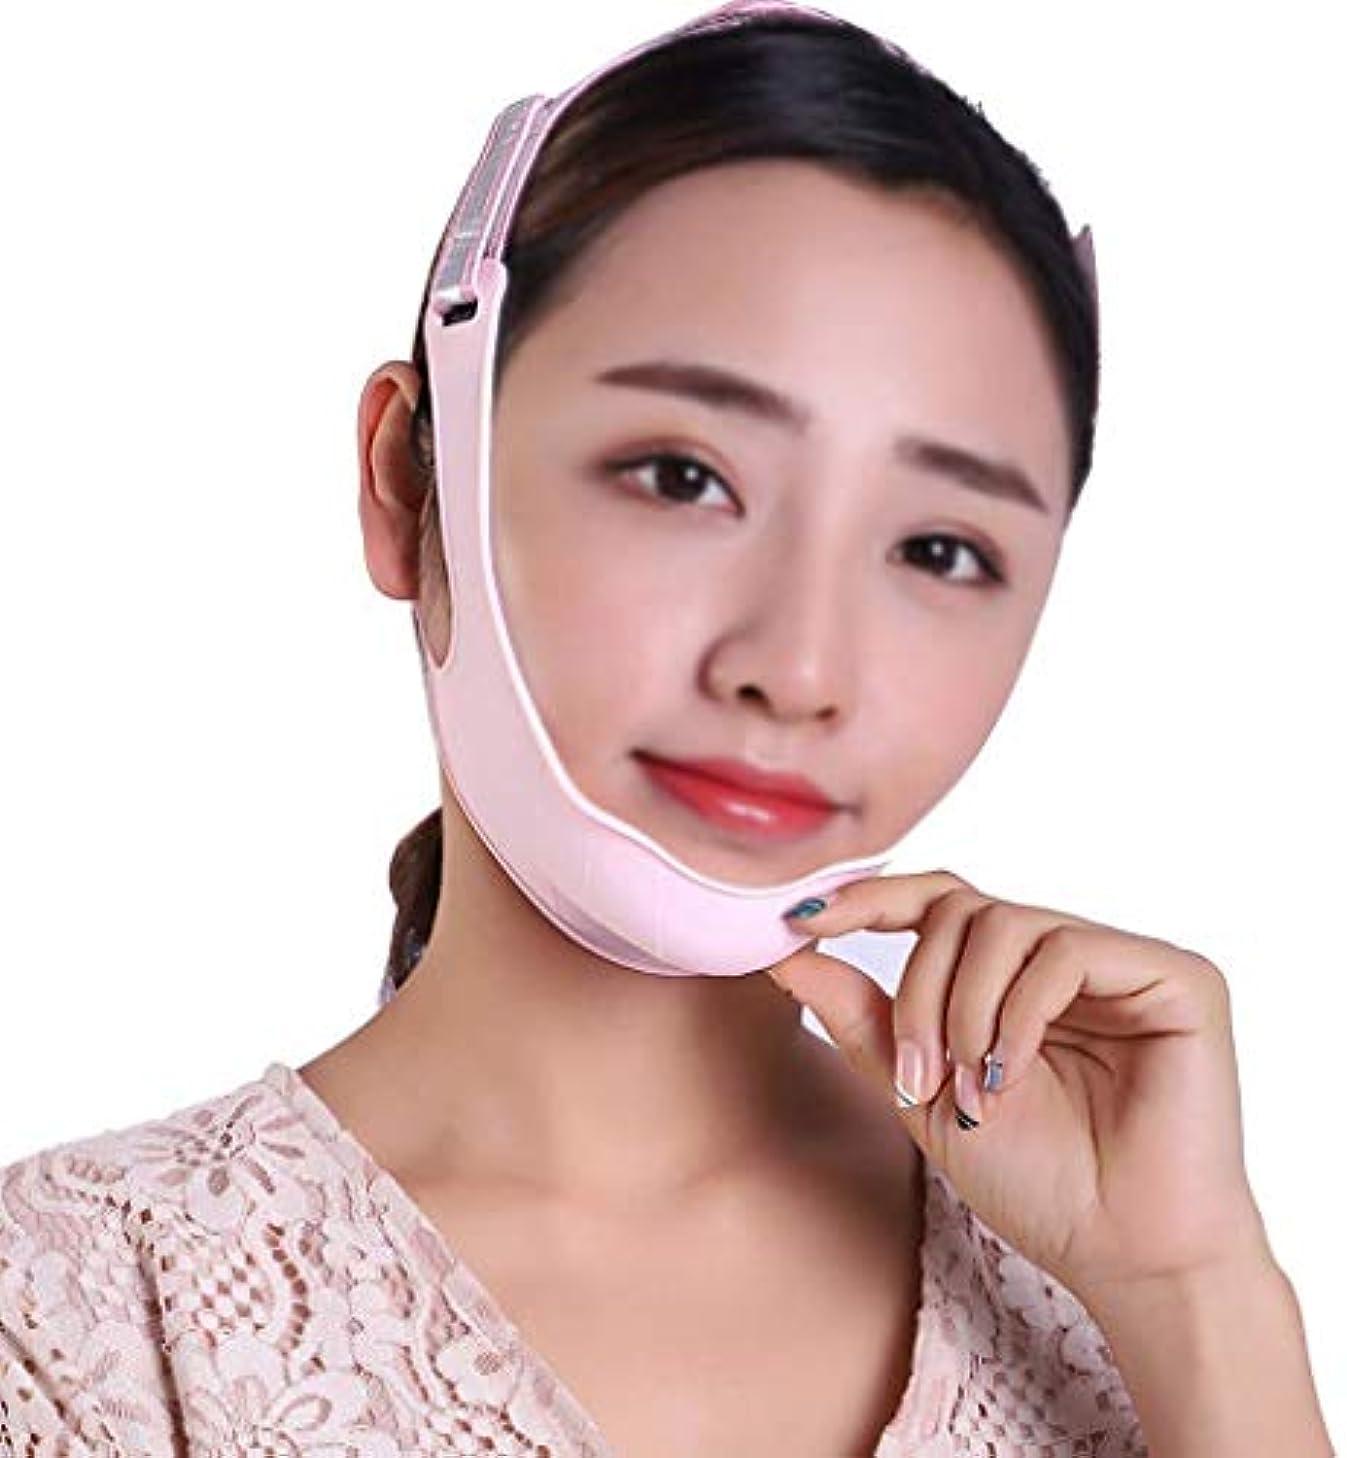 方法論ピック過度のSlim身Vフェイスマスク、顔と首のリフトポスト弾性スリーブシリコーンVフェイスマスクタイトリフティング薄い顔の包帯収縮マッサージ師スモールVフェイスアーティファクト防止